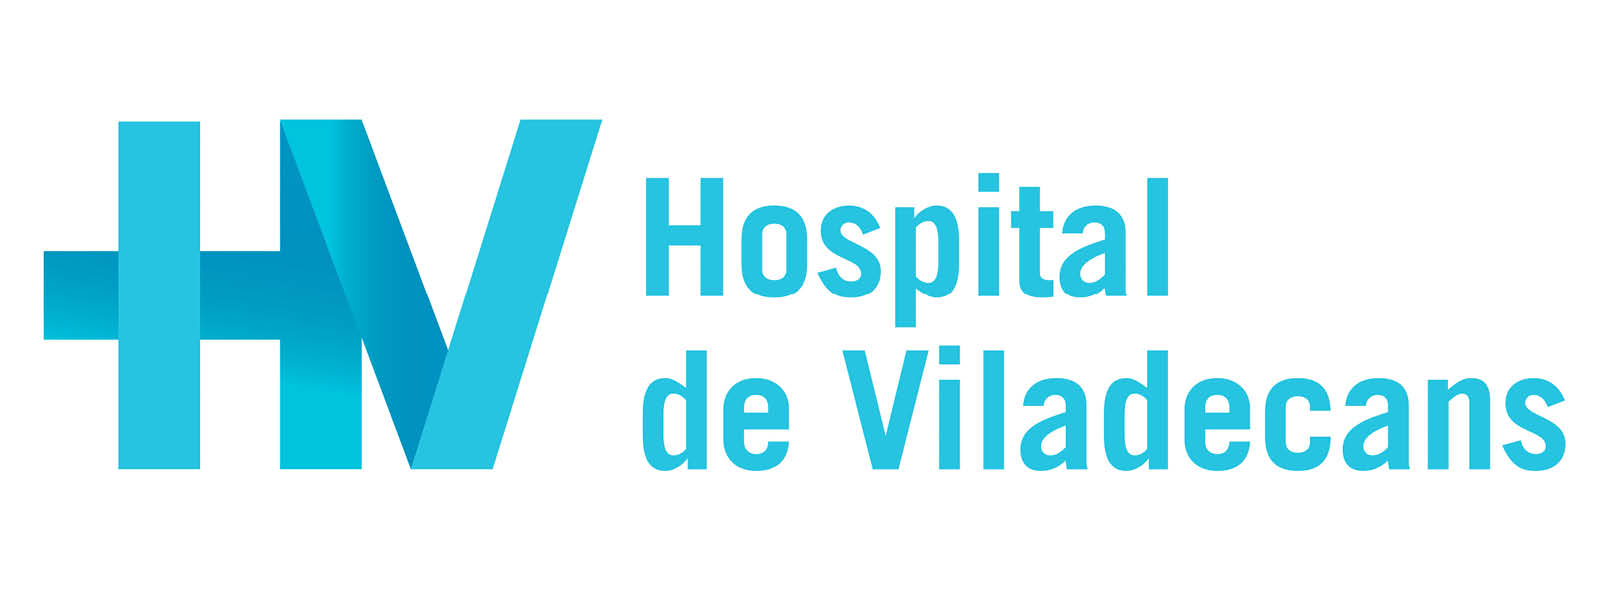 App Hospital de Viladecans